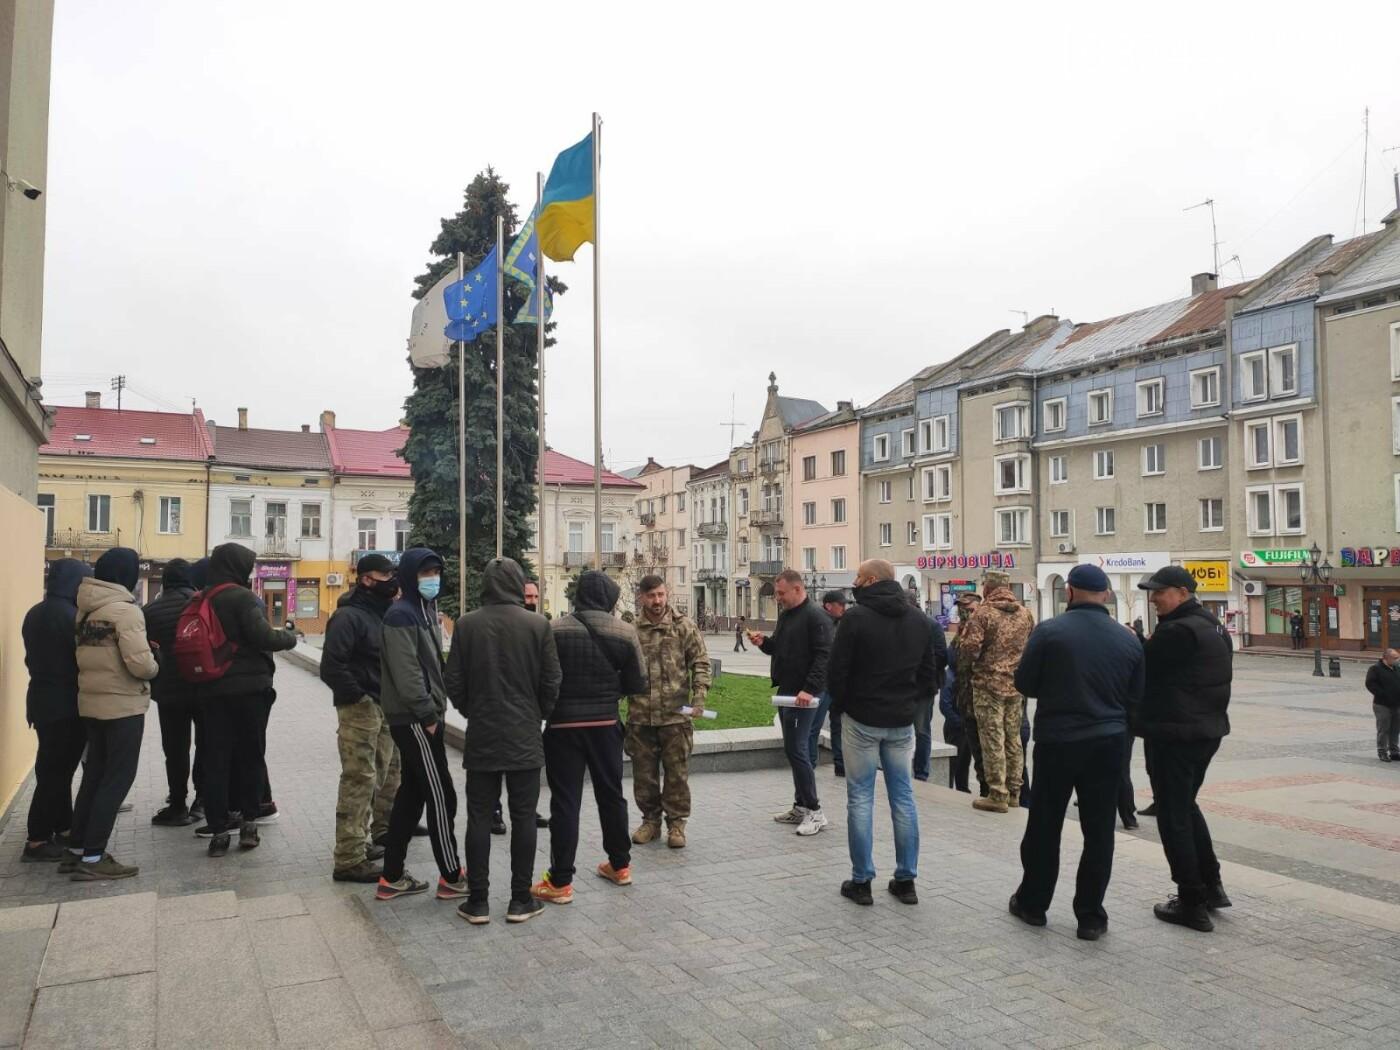 Учасники АТО провели акцію протесту: виступили проти сепаратистських настроїв на Дрогобиччині, фото-3